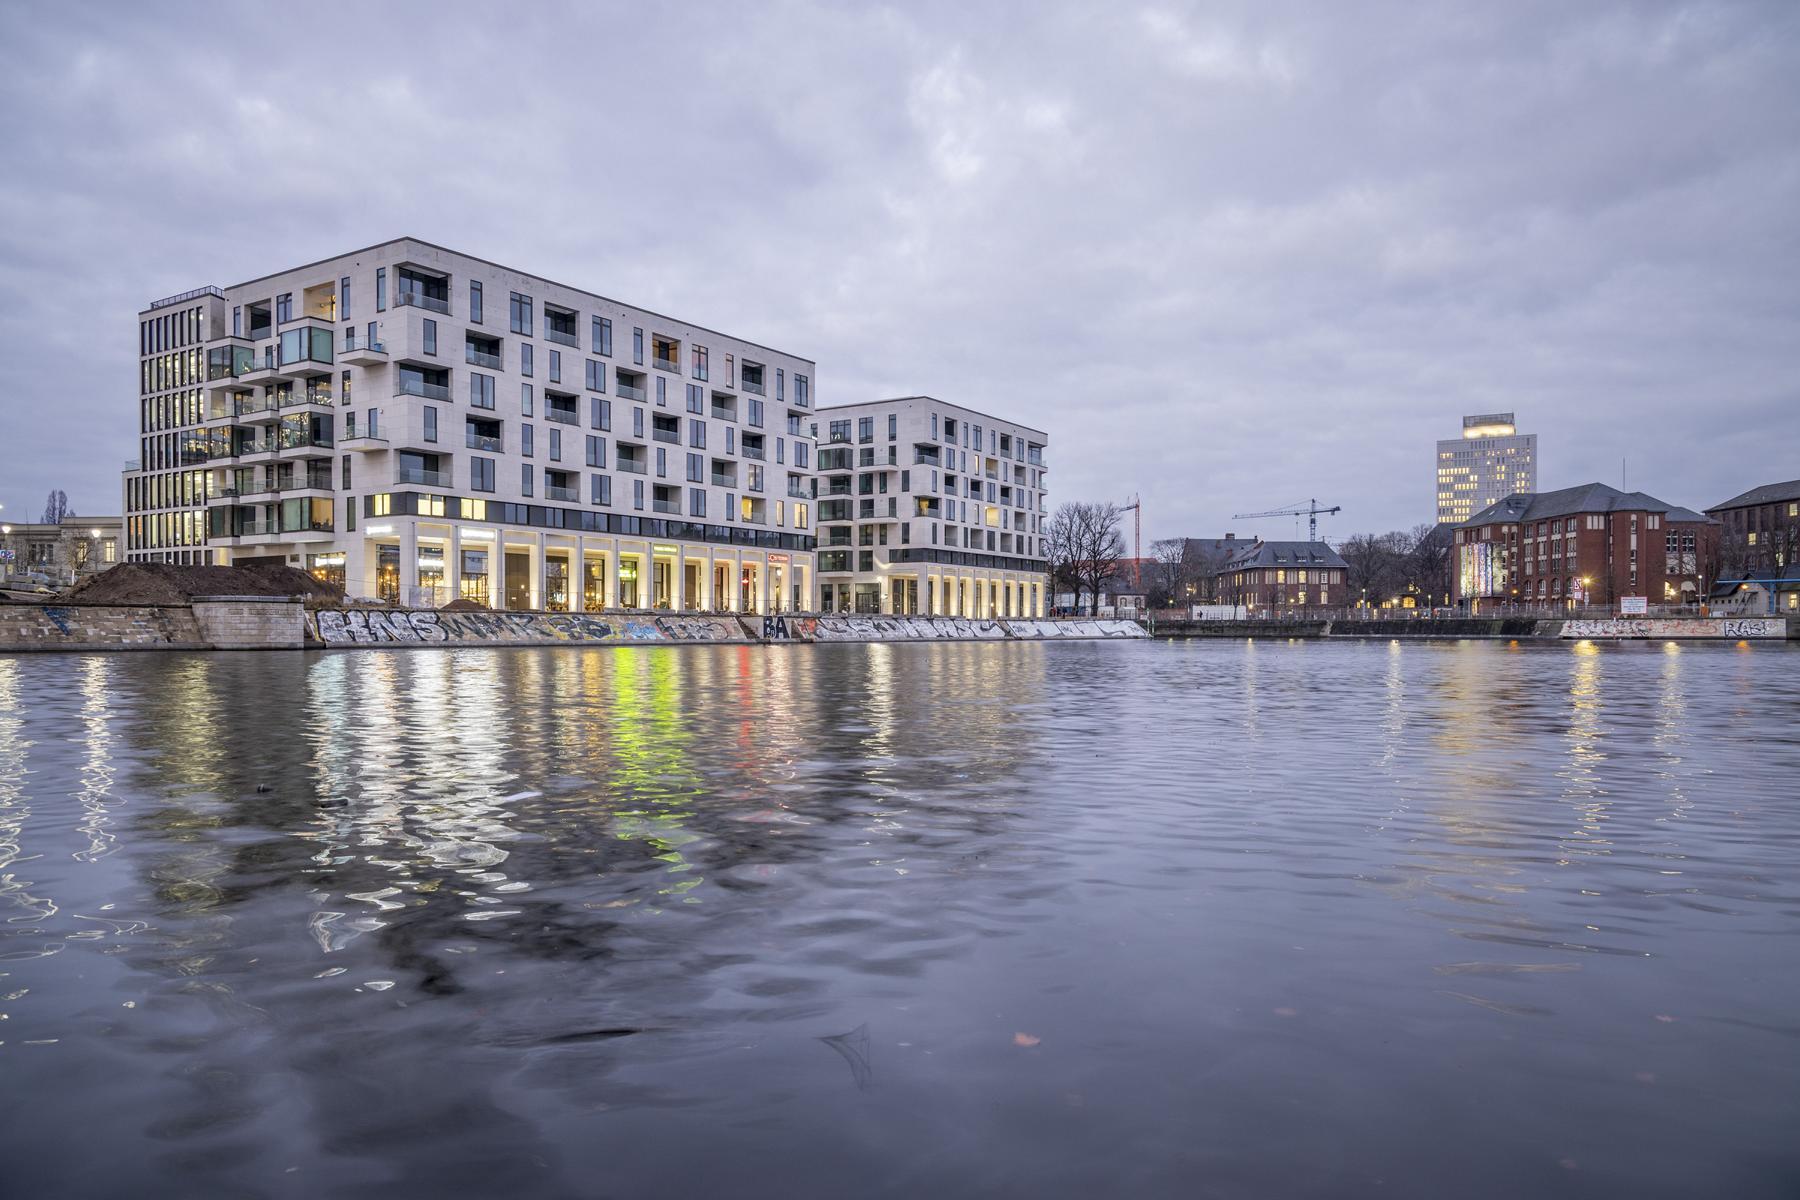 Stern ABG Humboldthafen, Friedrich-List-Ufer, Berlin